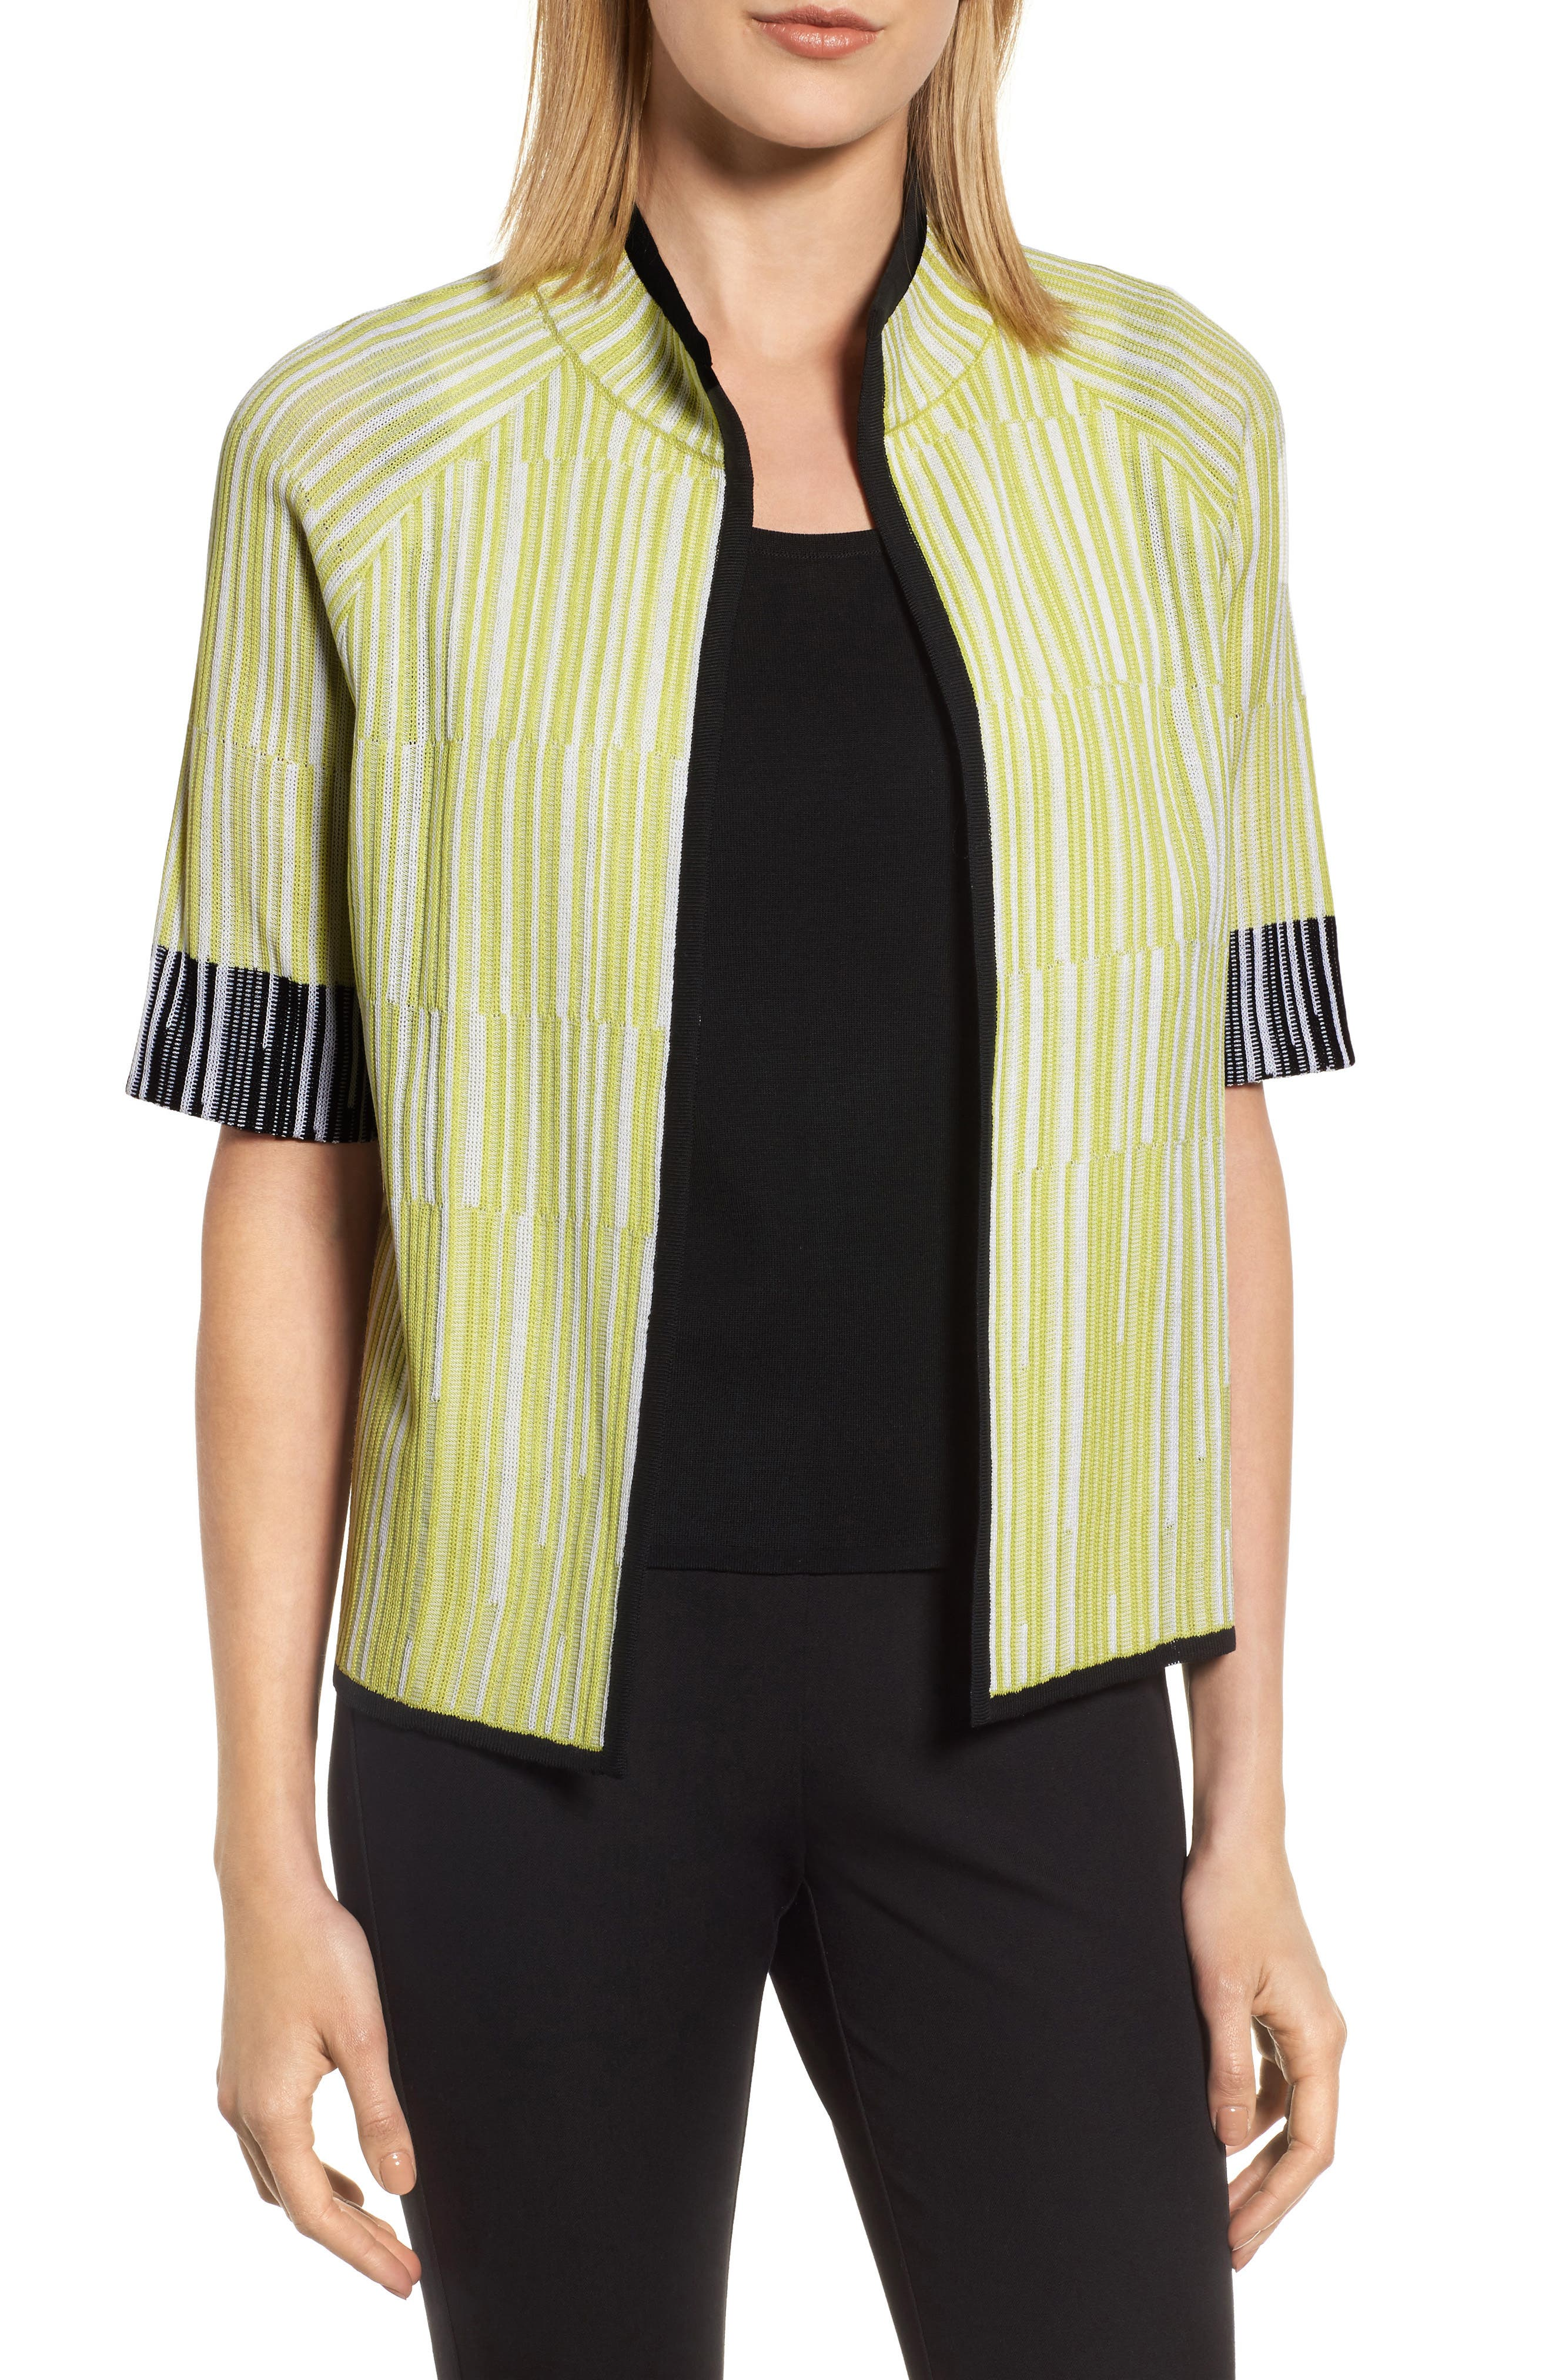 Main Image - Ming Wang Short Sleeve Jacquard Jacket